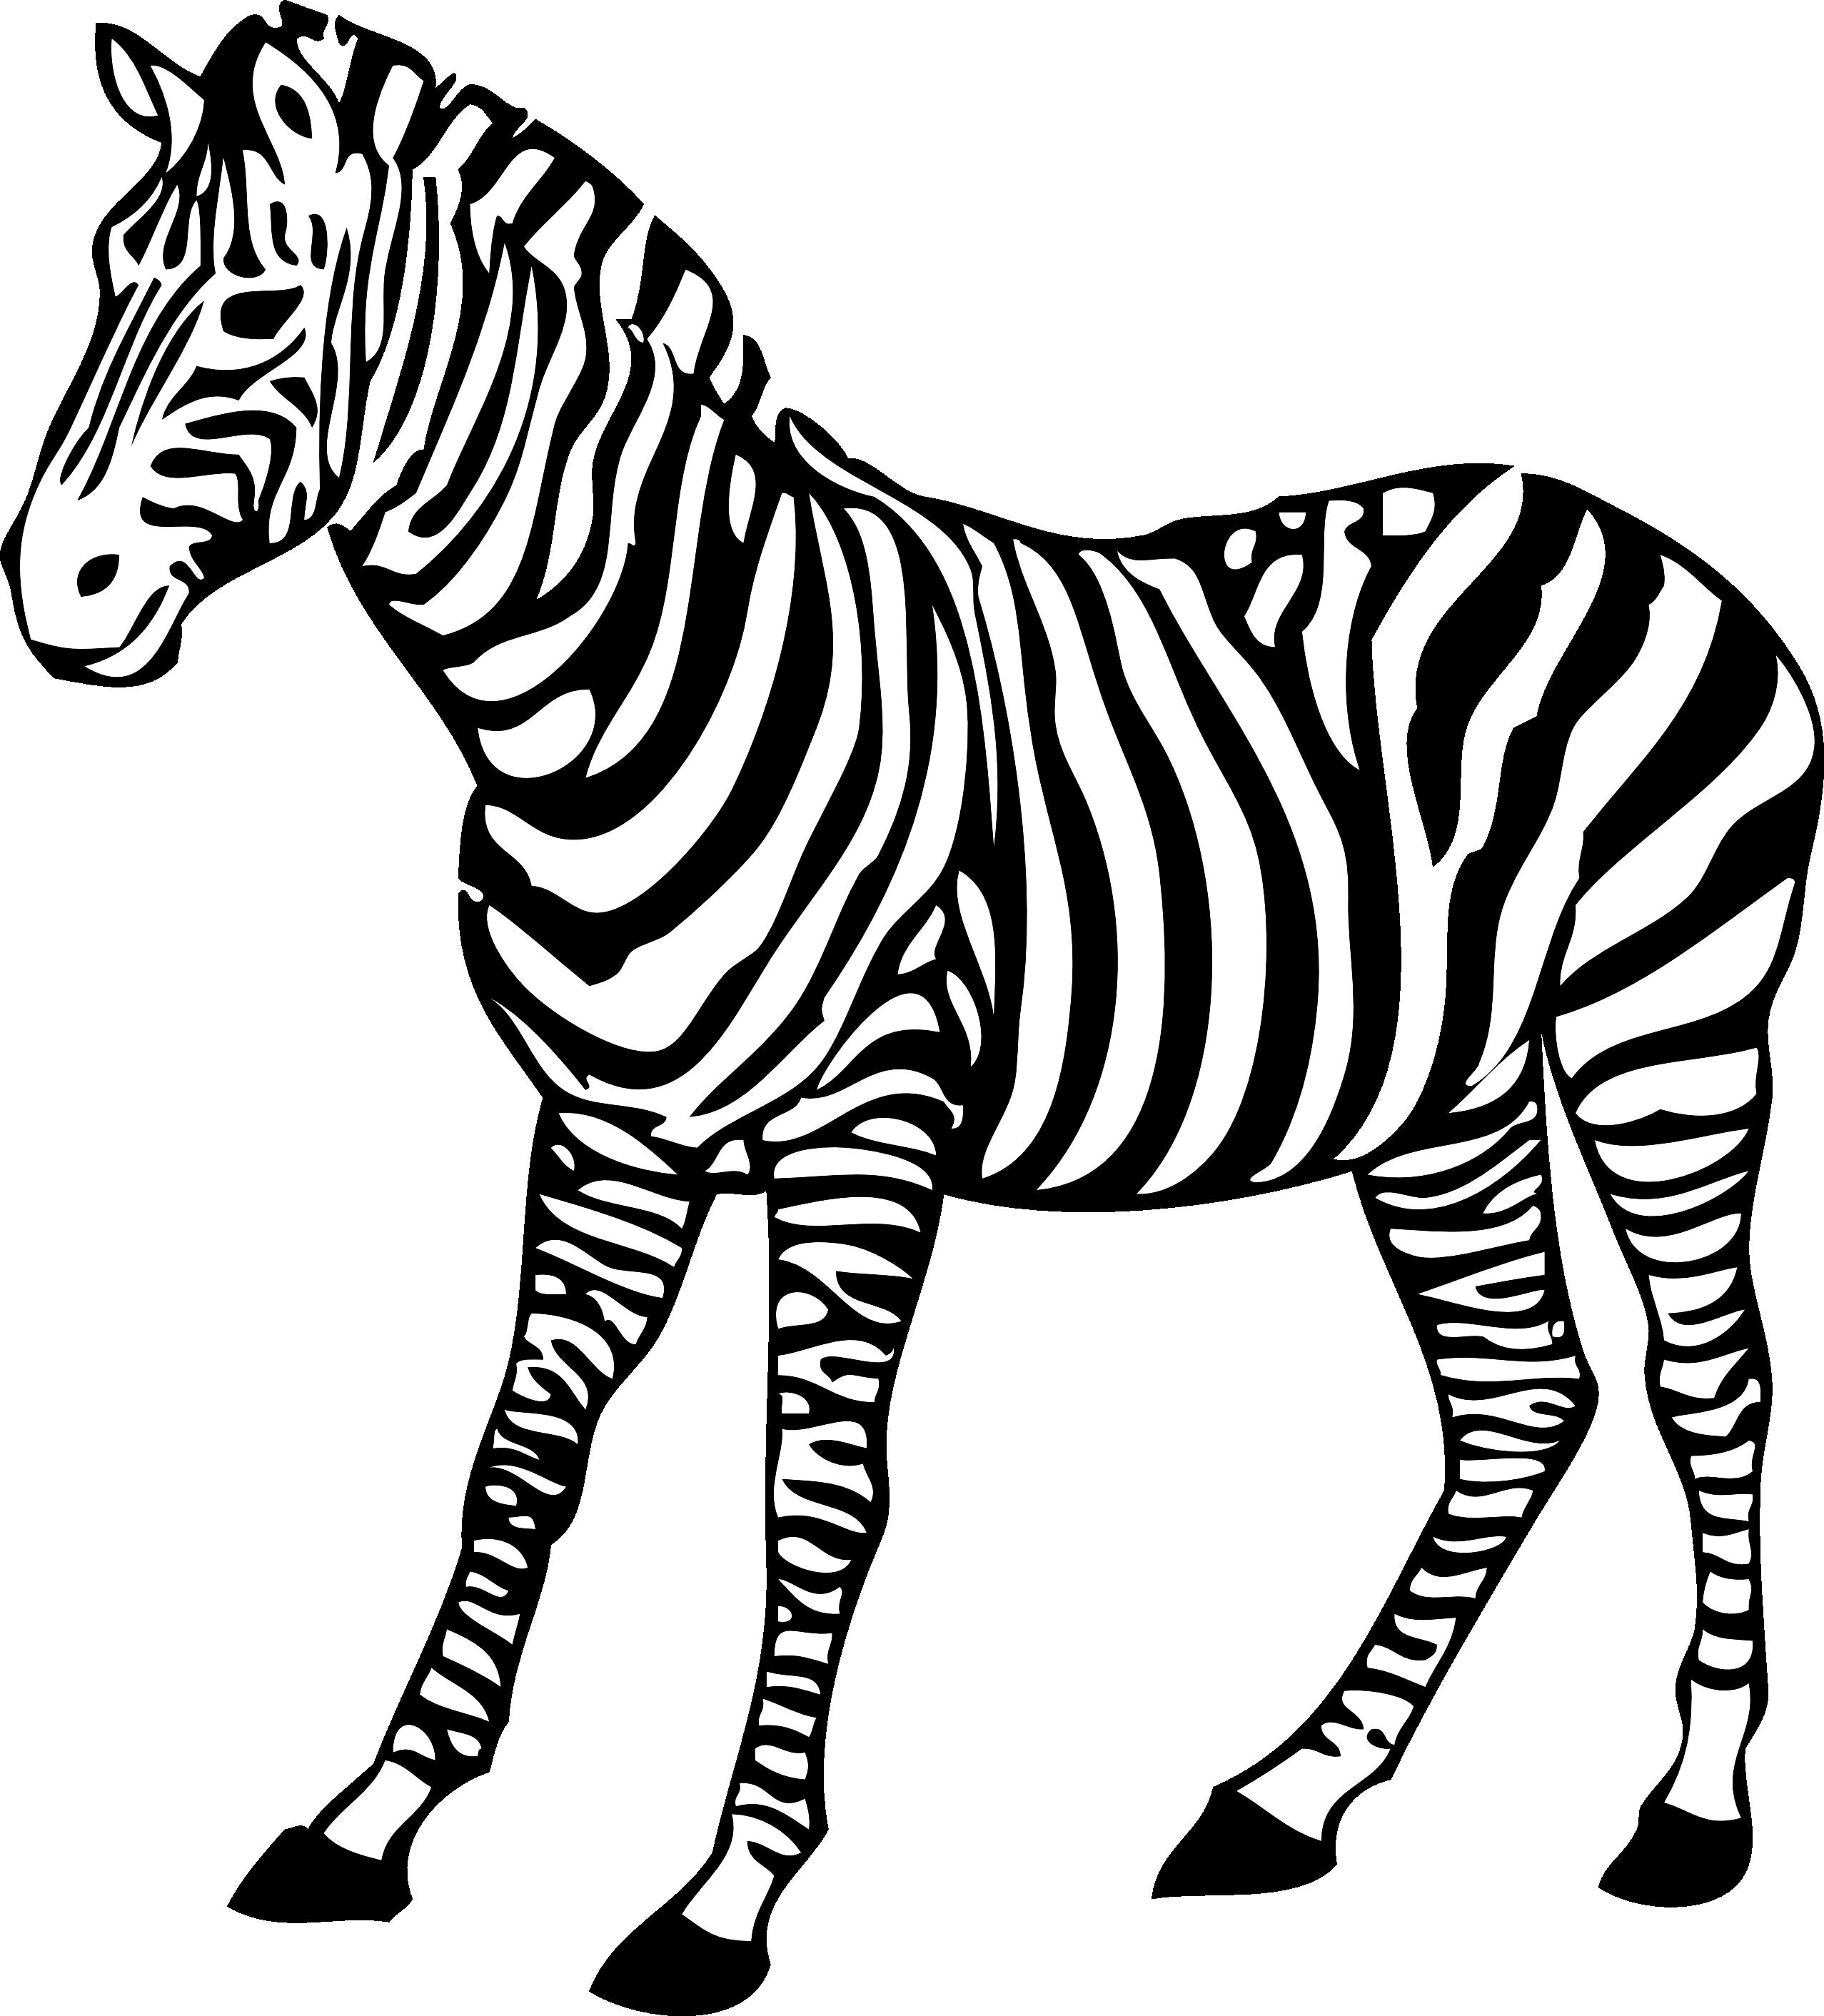 Pictures Of Cartoon Zebras